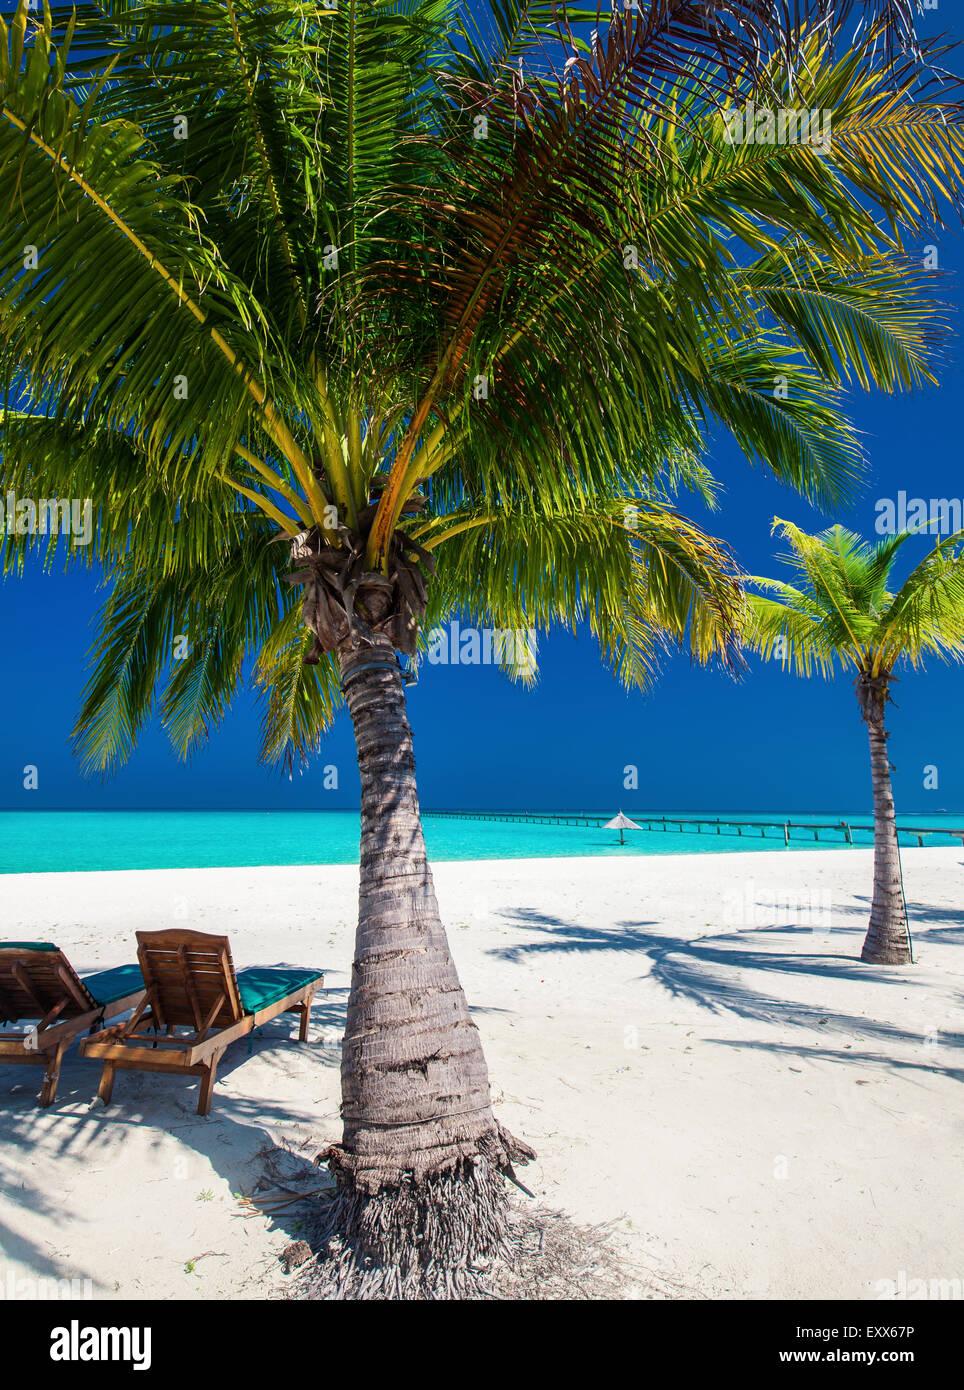 Dans umrellas chaises longues et de palmiers sur une plage tropicale Photo Stock